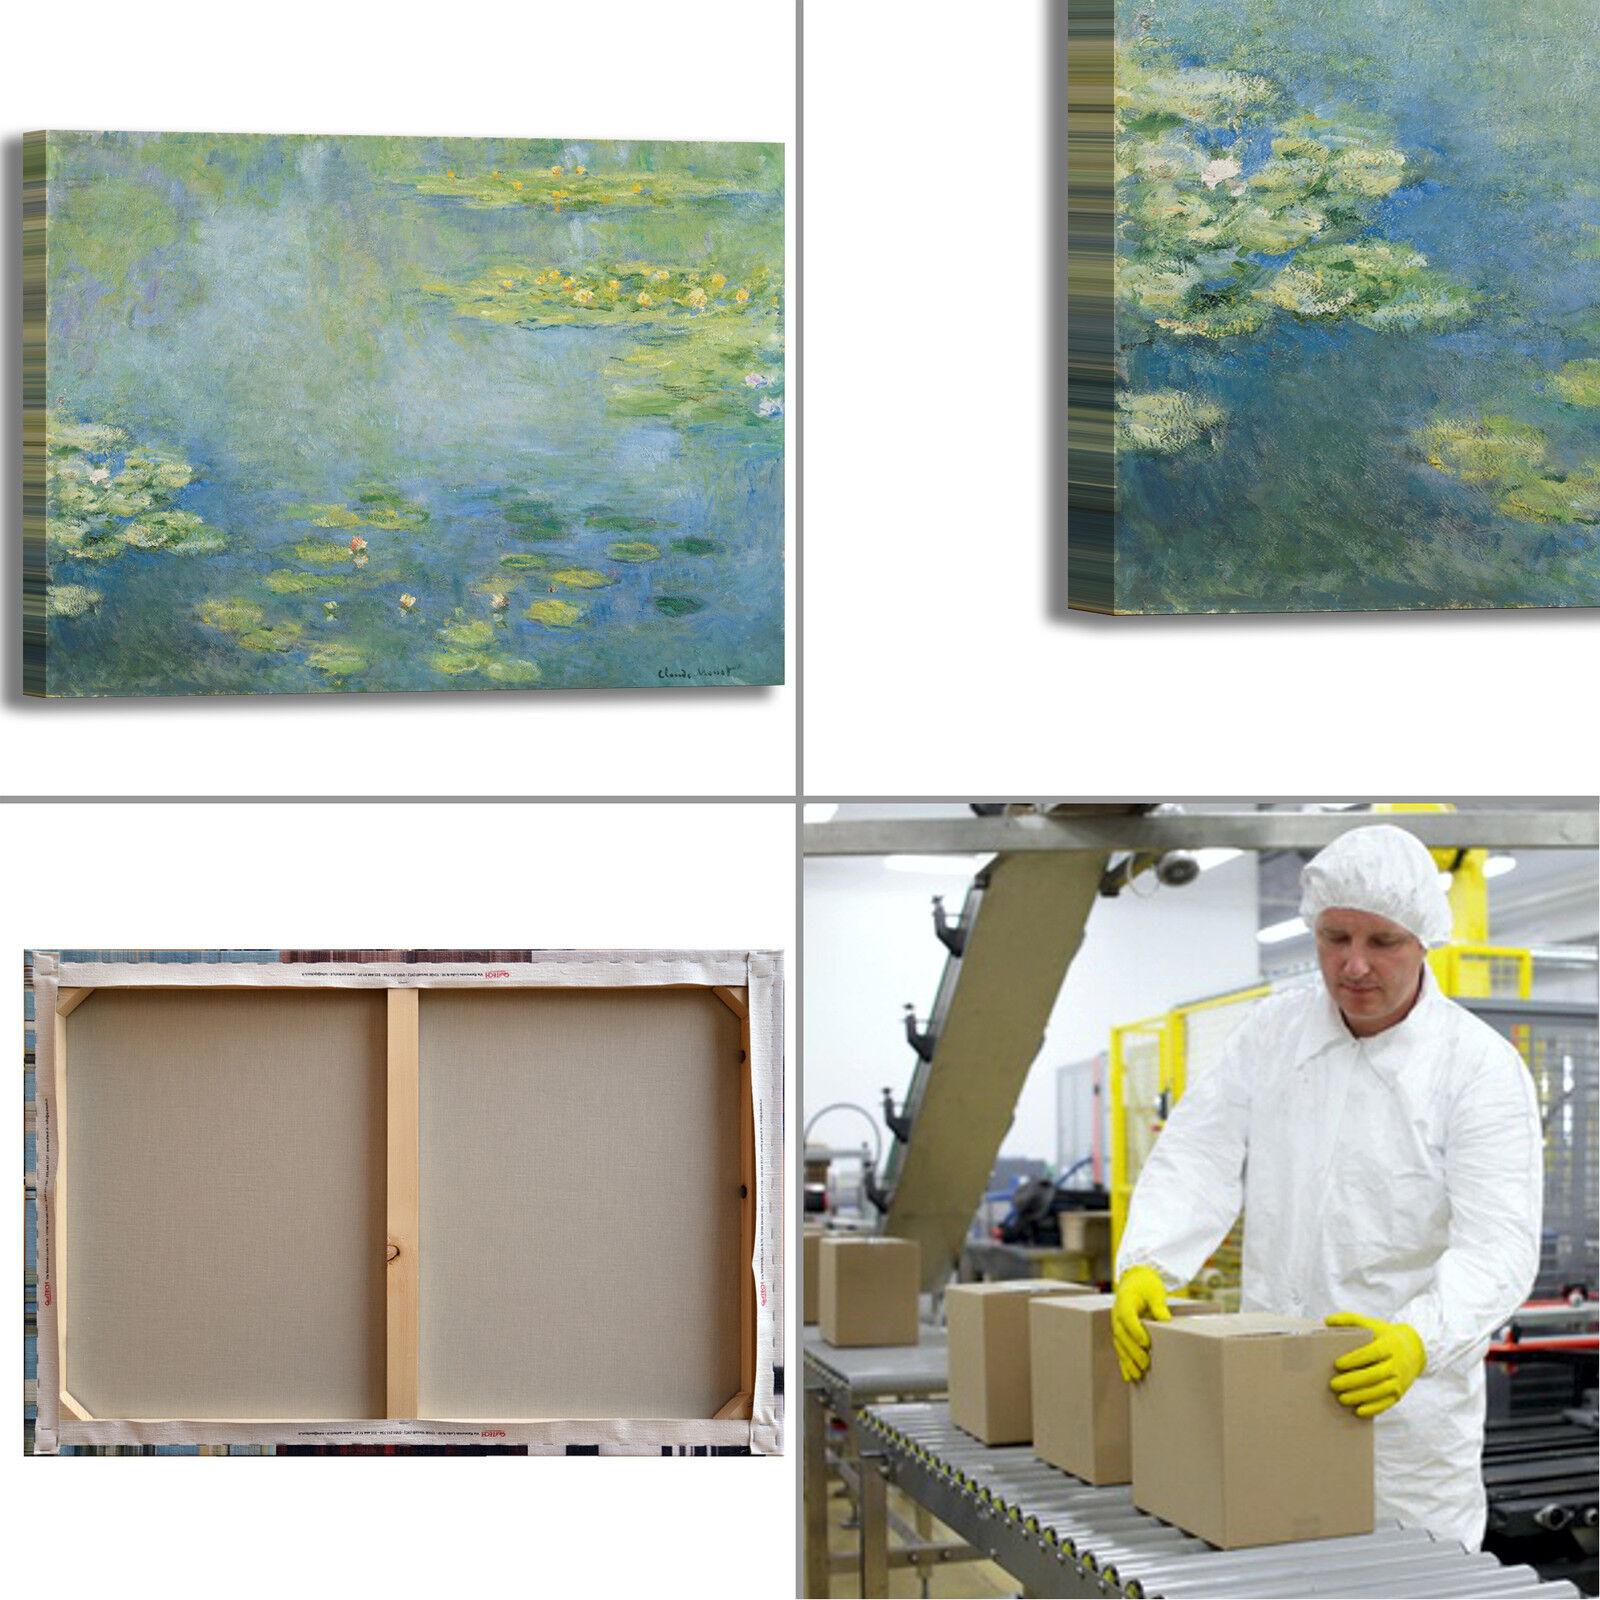 Monet ninfee 40 design dipinto quadro stampa tela dipinto design telaio arRouge o casa 0384a6